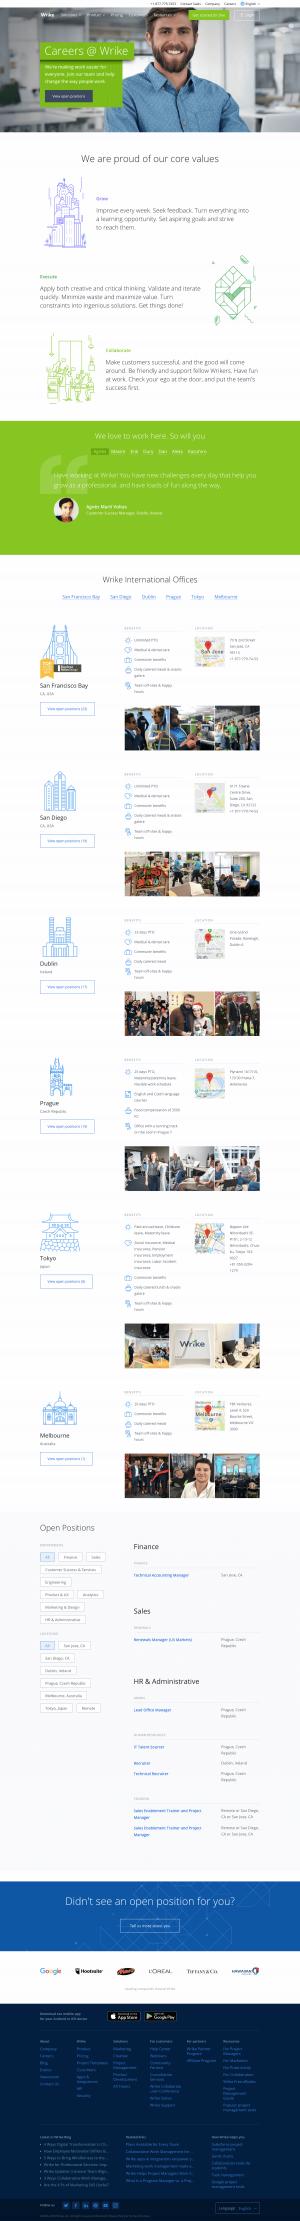 Wrike - Career page